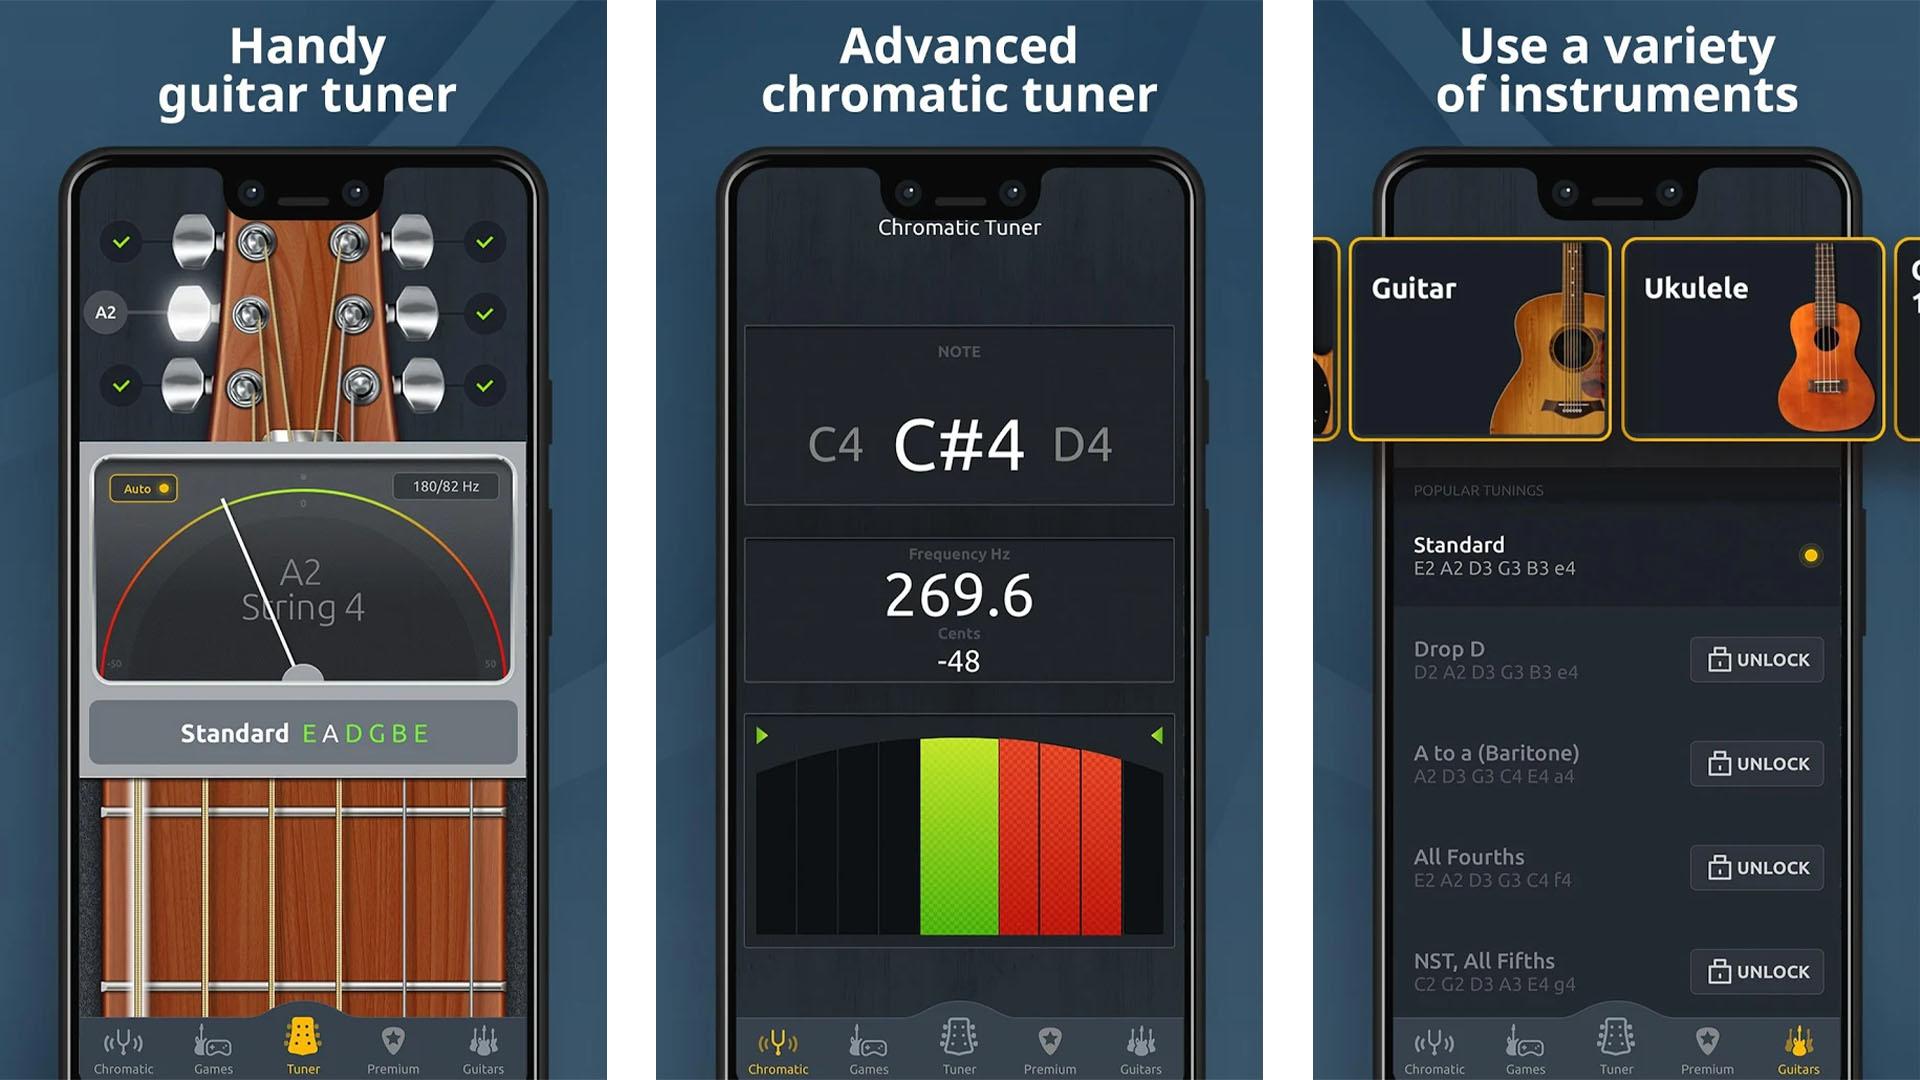 Chromatic Guitar Tuner screenshot 2020